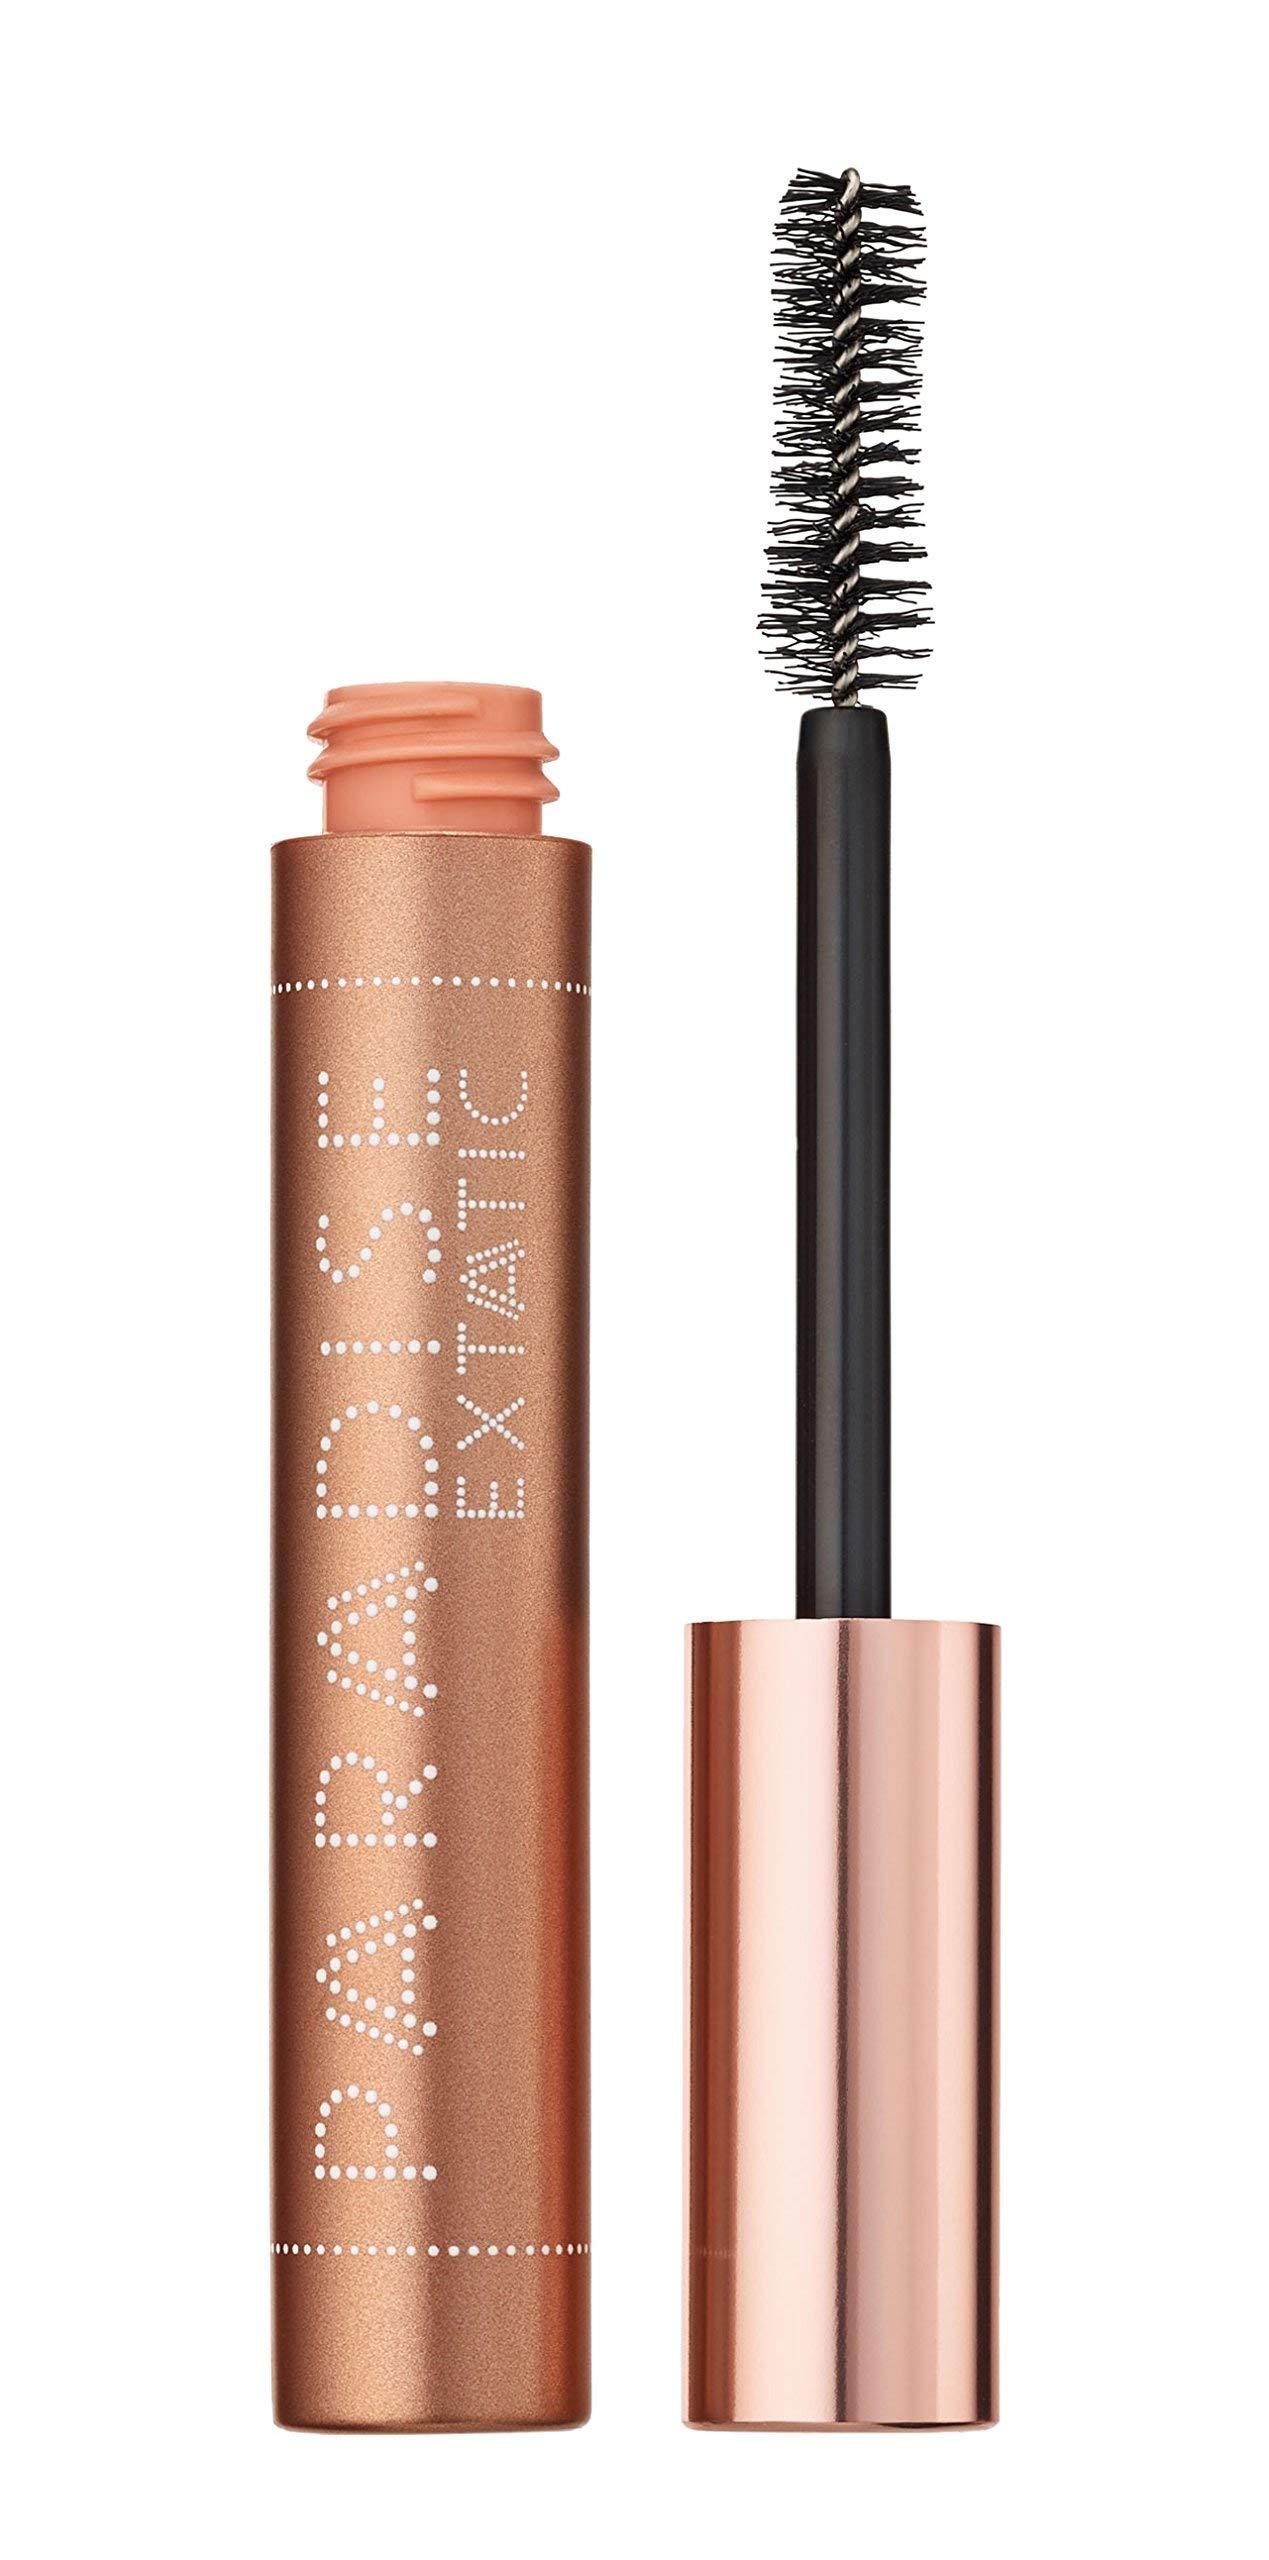 L'Oréal Paris - Mascara Paradise (01) Noir 6,4ml product image